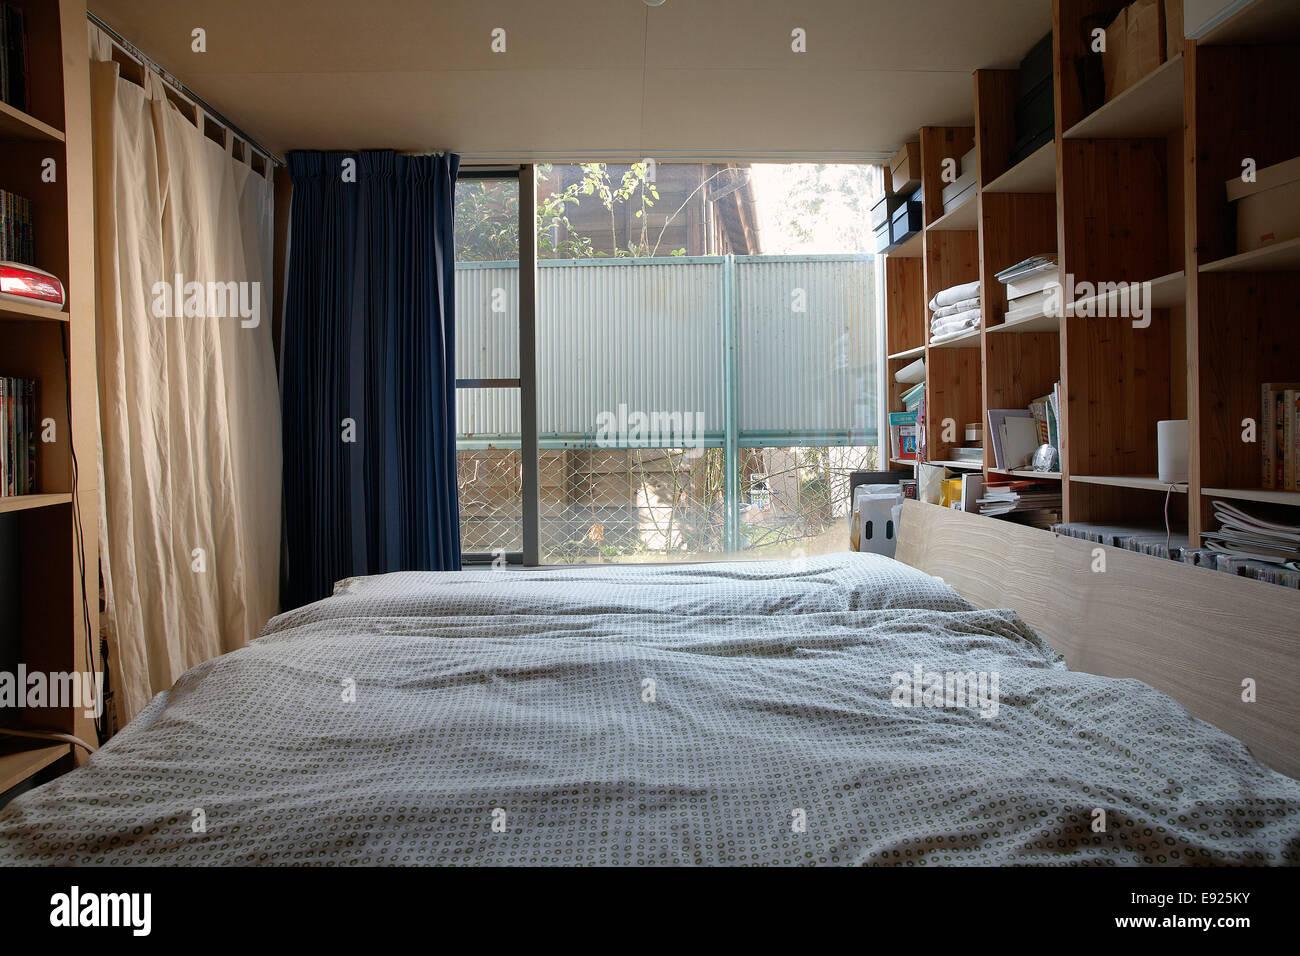 Schlafzimmer in einer japanischen moderne Wohnung Stockfoto, Bild ...